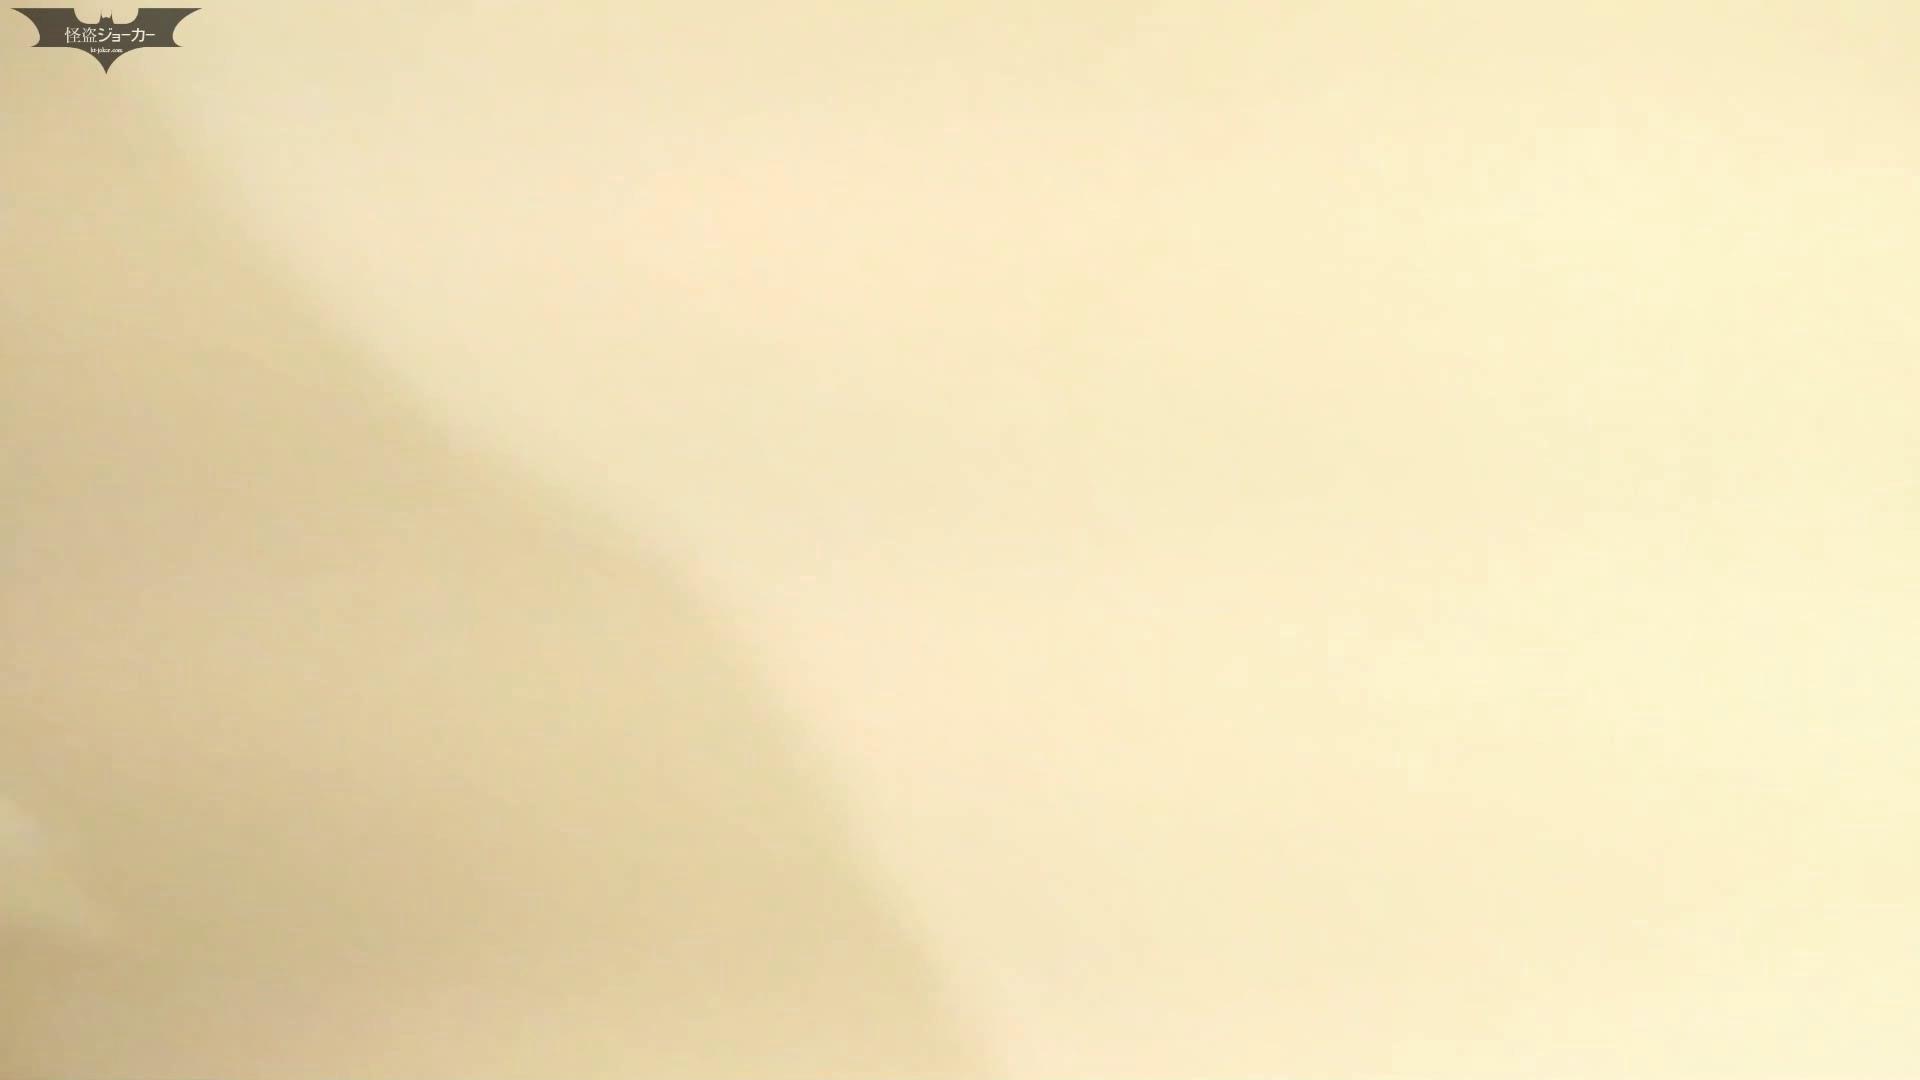 新世界の射窓 No65 これぞ究極追い撮り!売場でみかけた可愛い子 ギャル攻め 性交動画流出 60画像 2